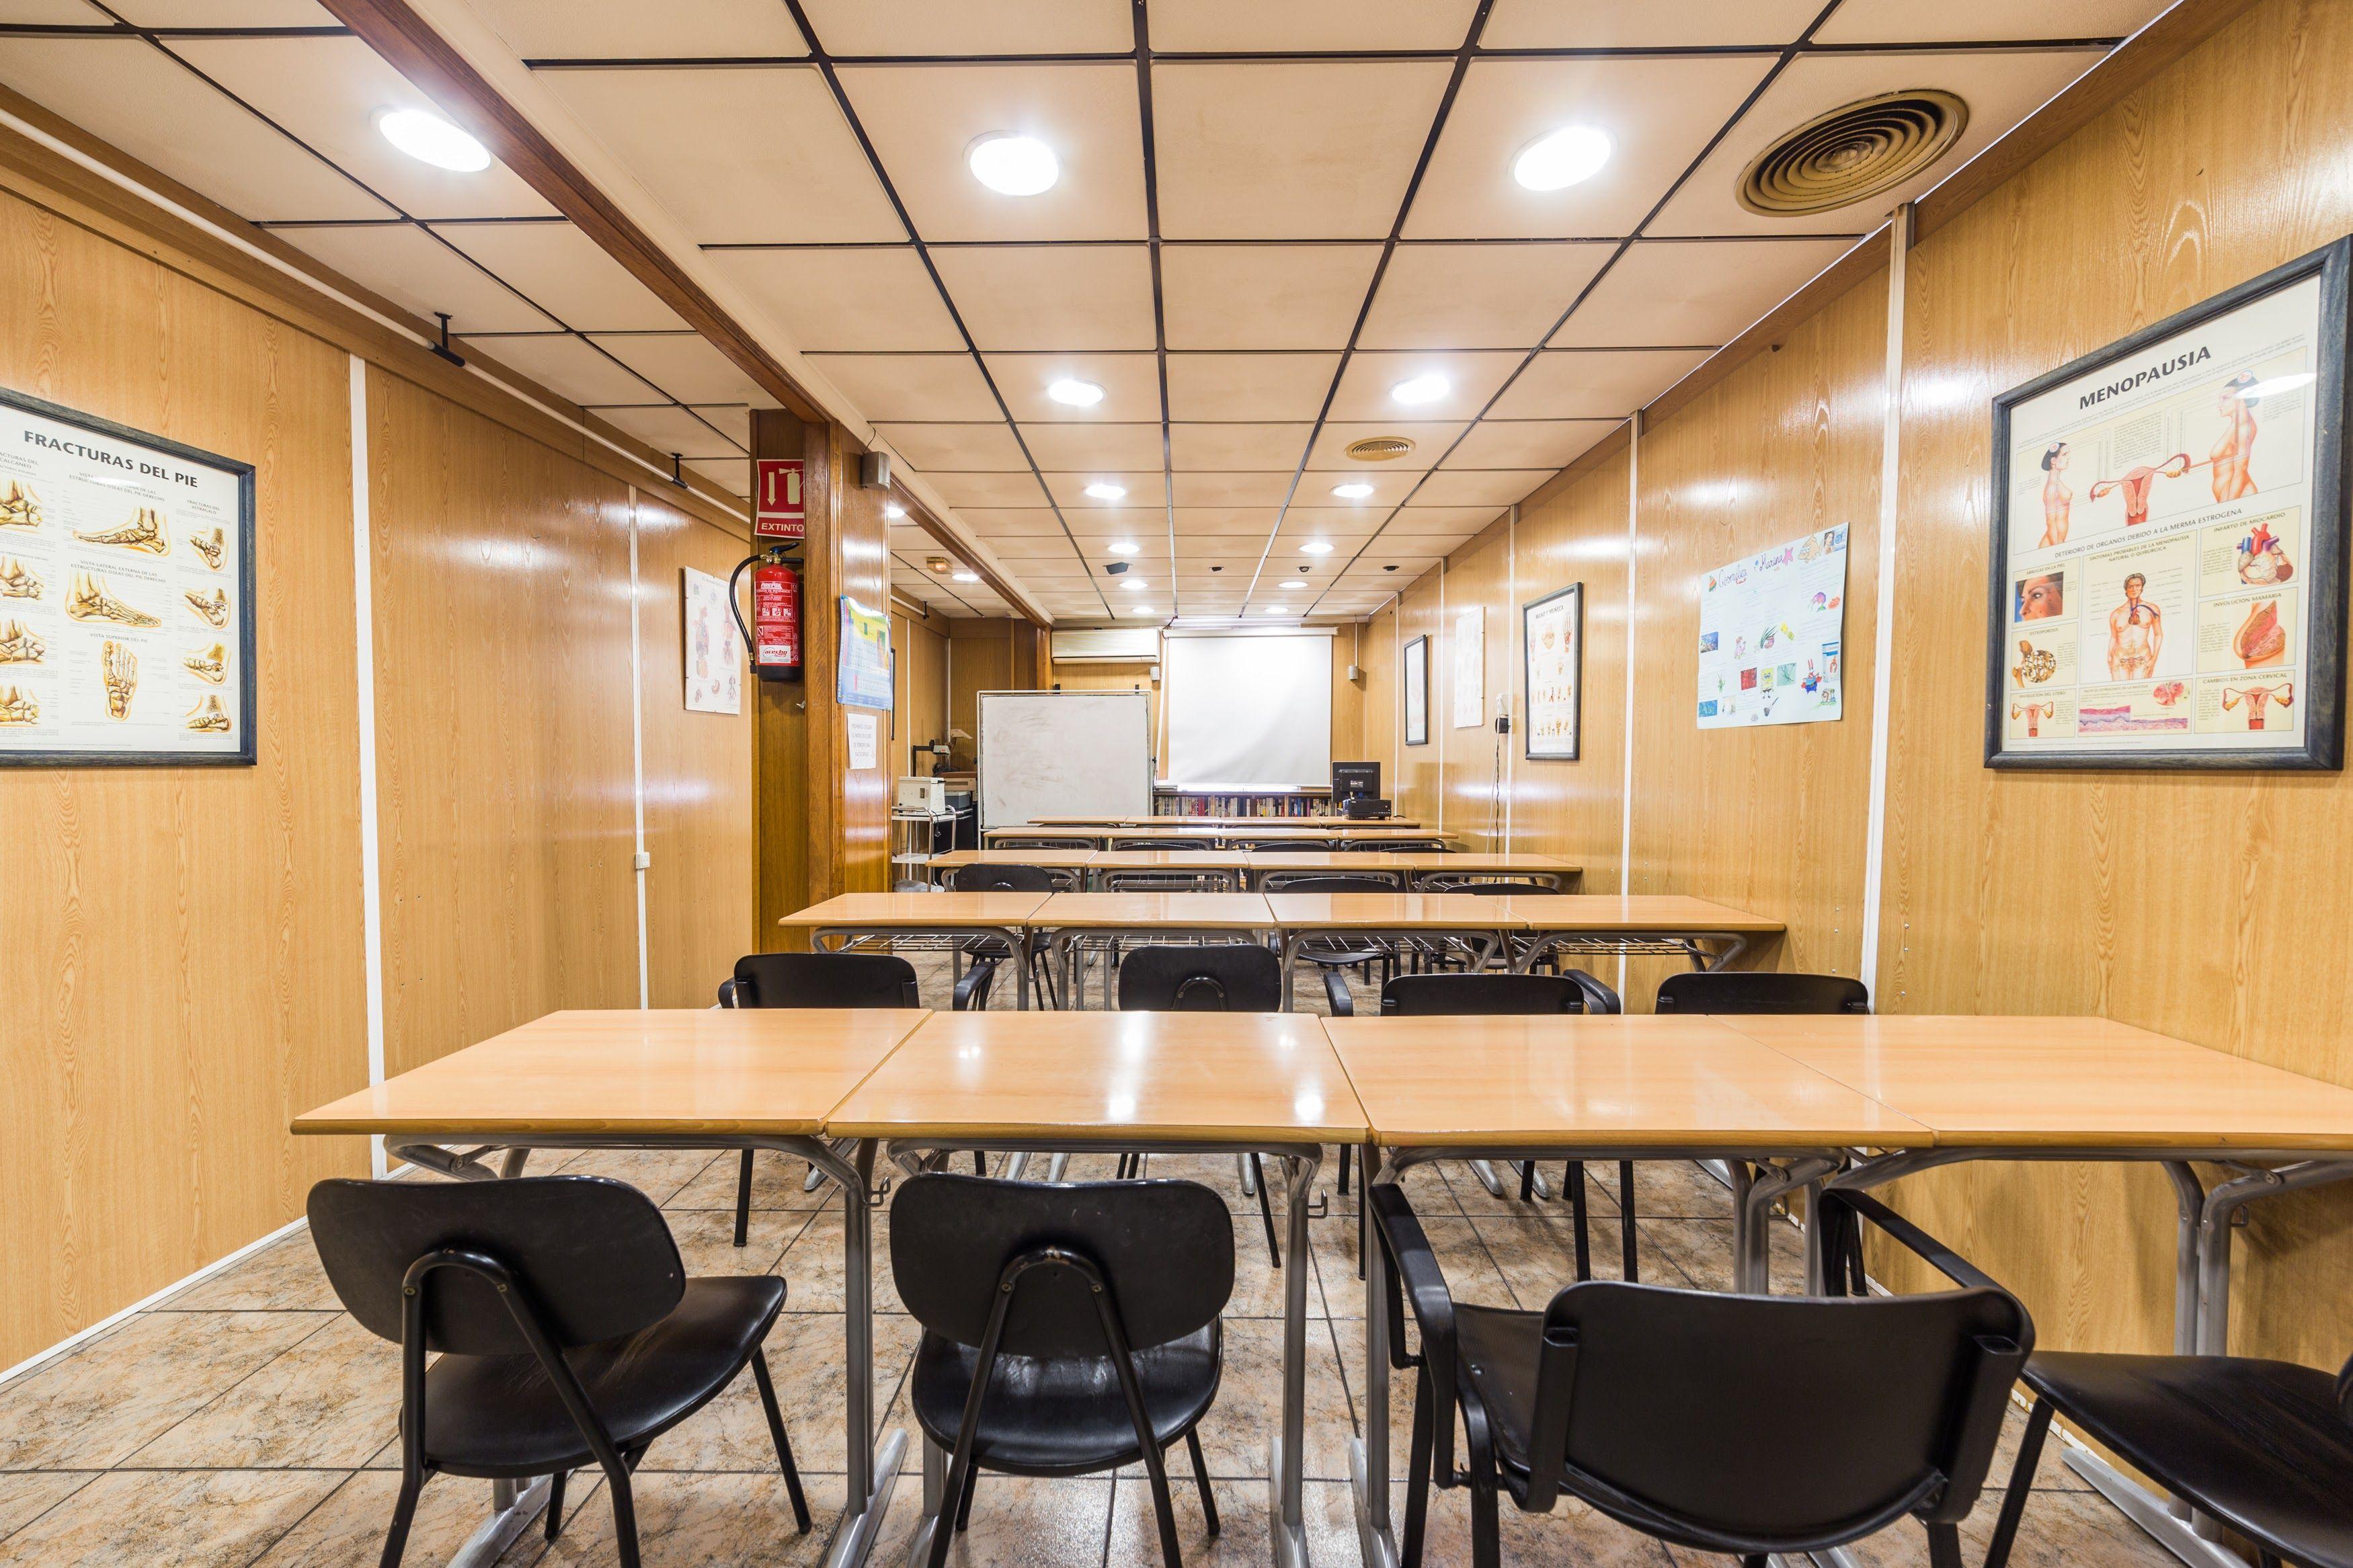 Foto 6 de Academia de peluquería y estética en Albacete | Centro de formación Virgen de los Llanos- Moliné